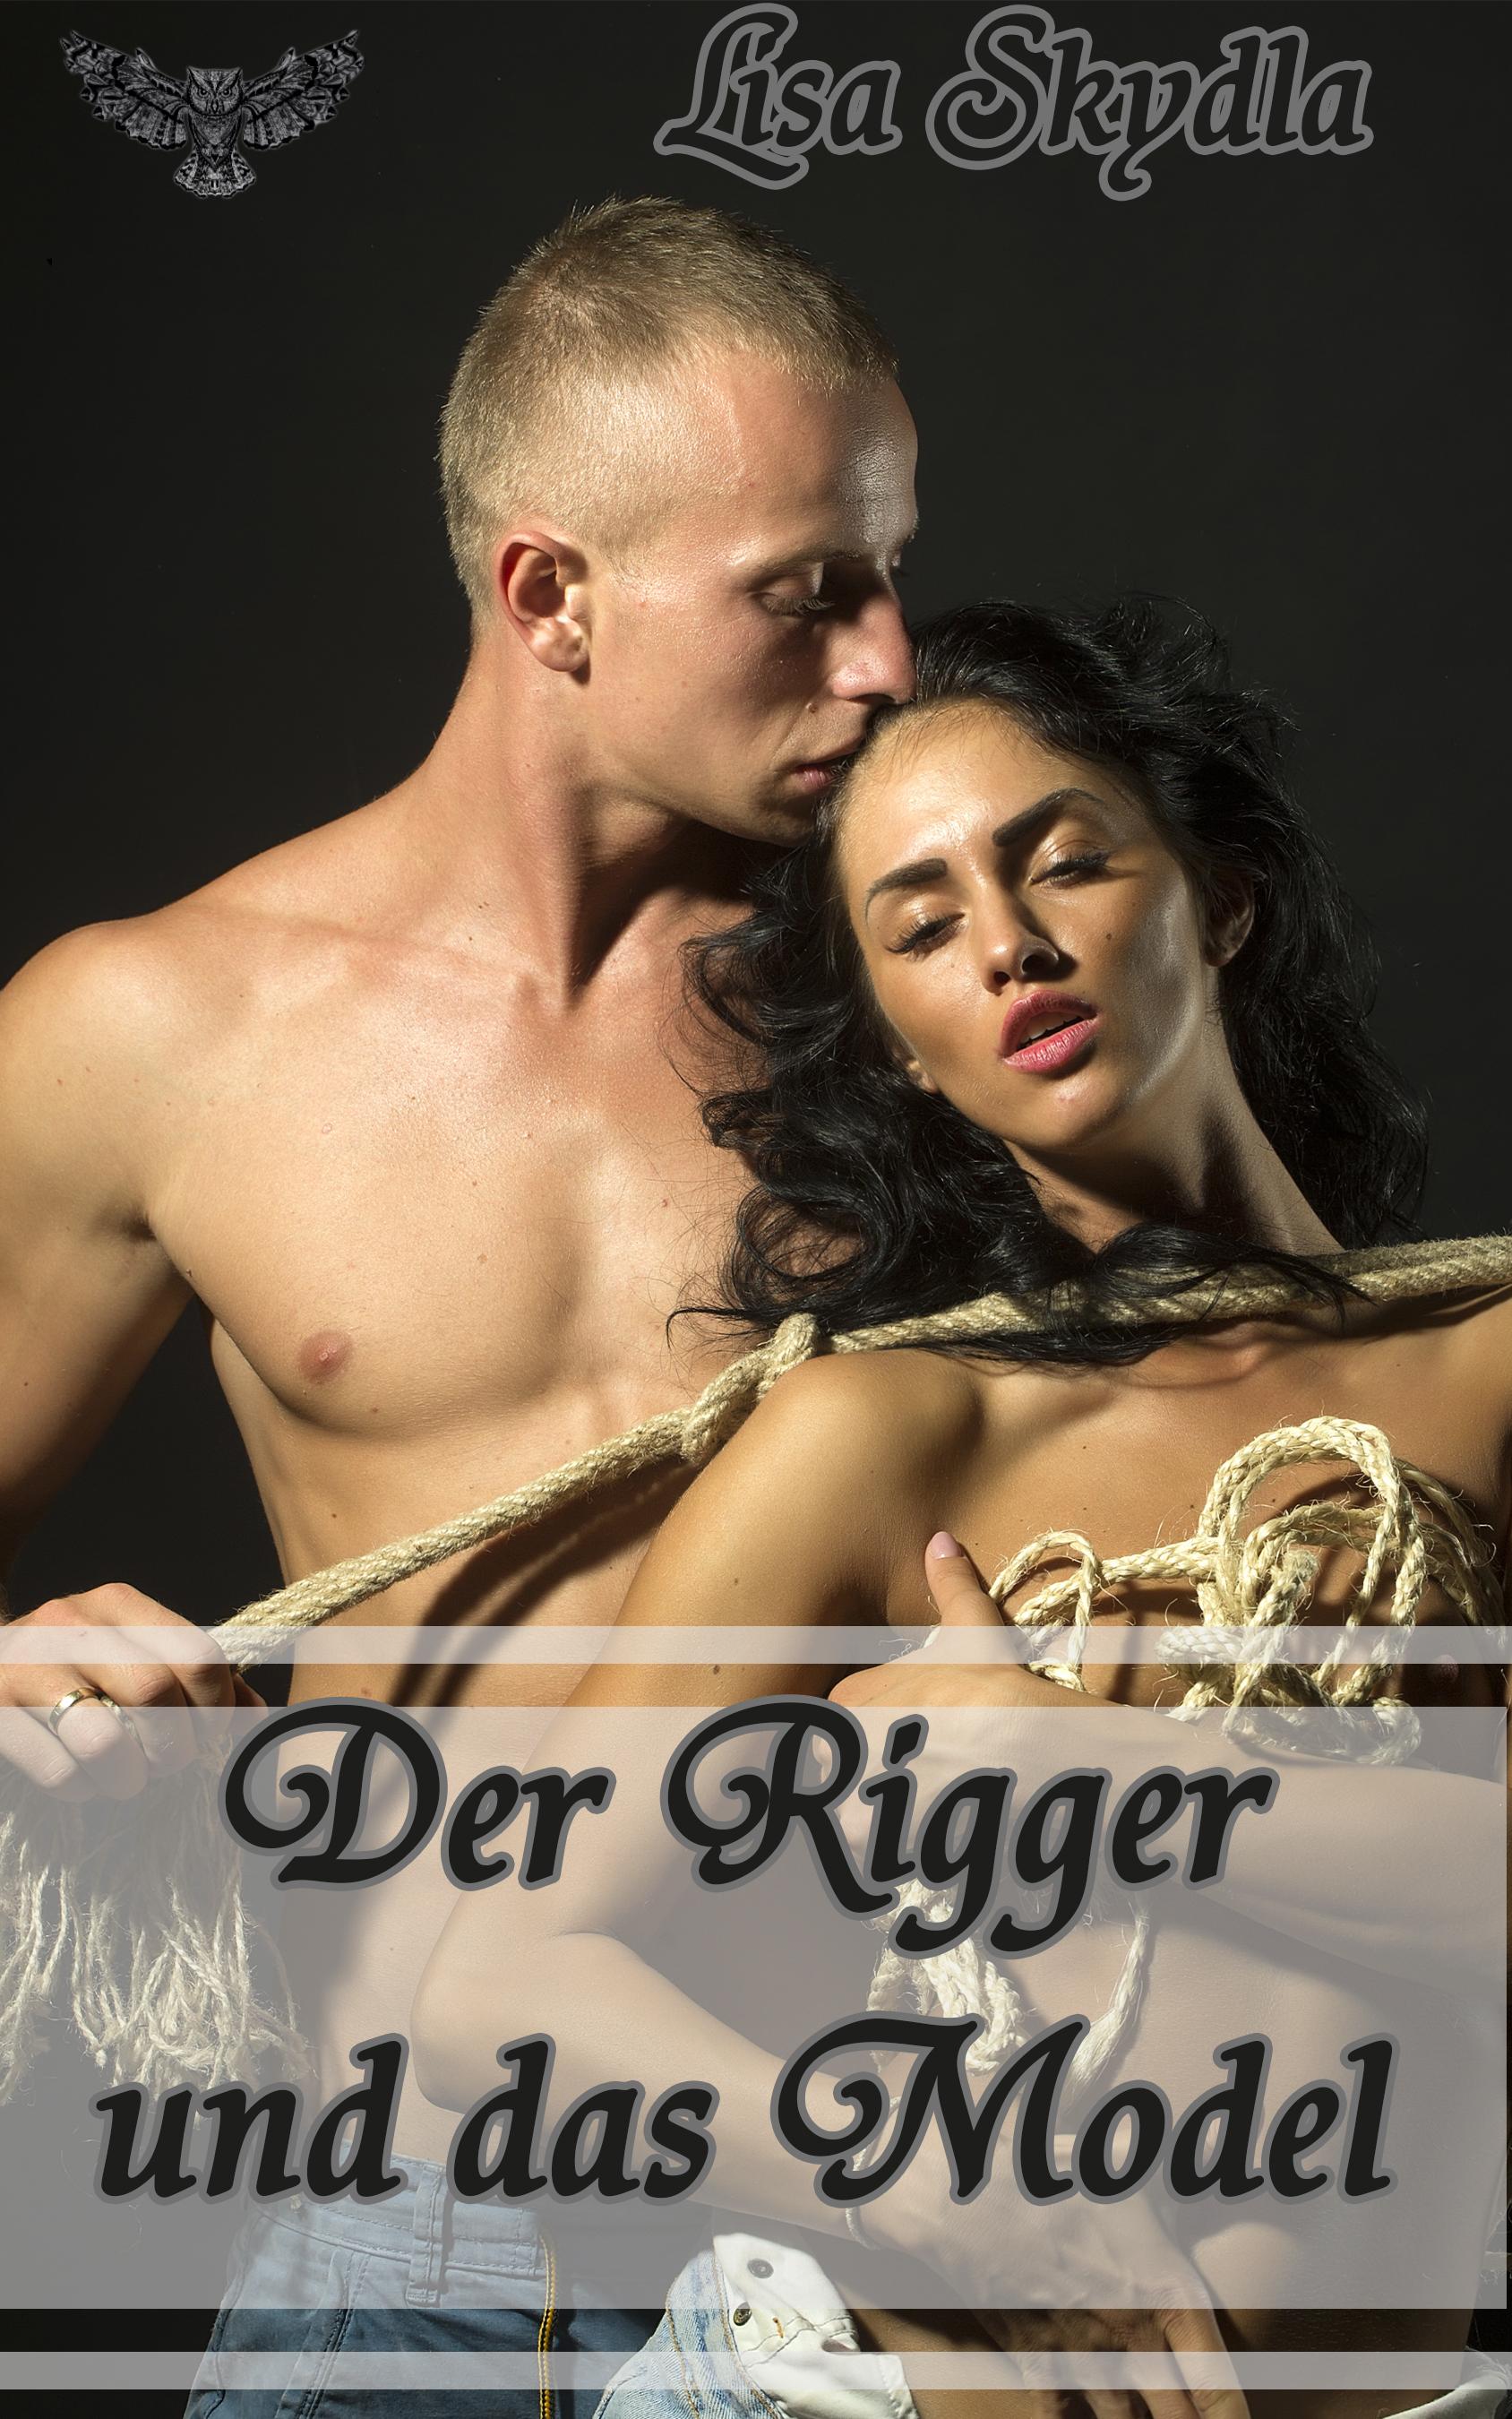 rigger-neu